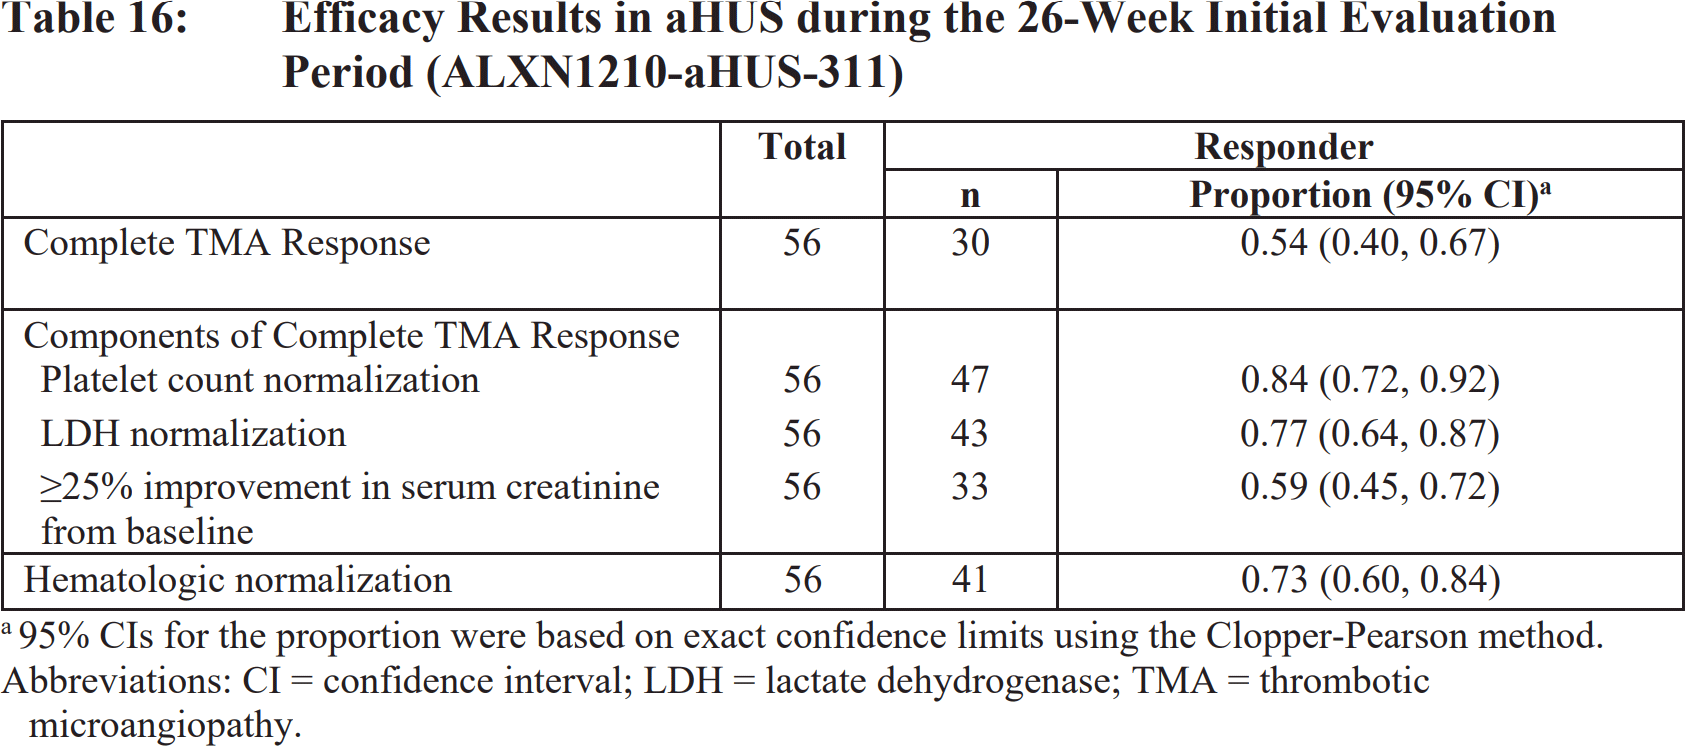 ultomiris efficacy results 01 - «Ултомирис» одобрен в терапии атипичного гемолитико-уремического синдромома